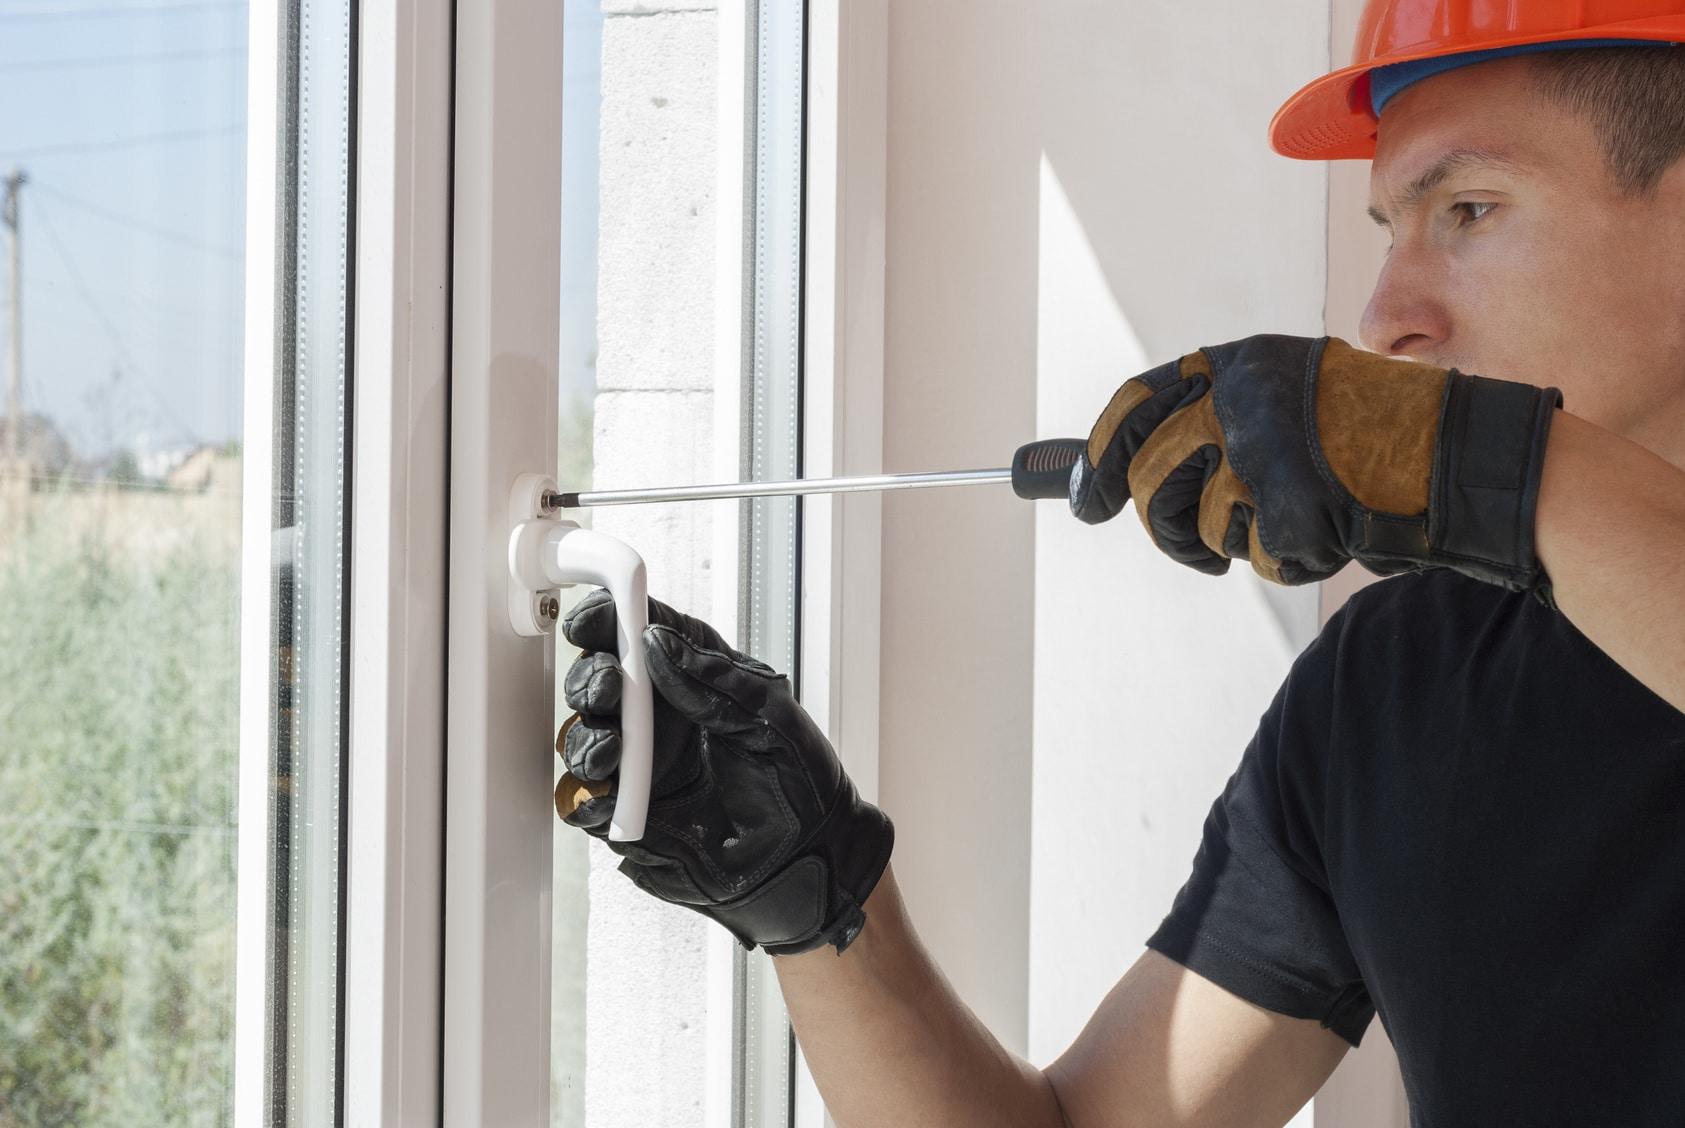 Lavorano Spesso Alle Finestre riparazione porte finestre milano | arte casa